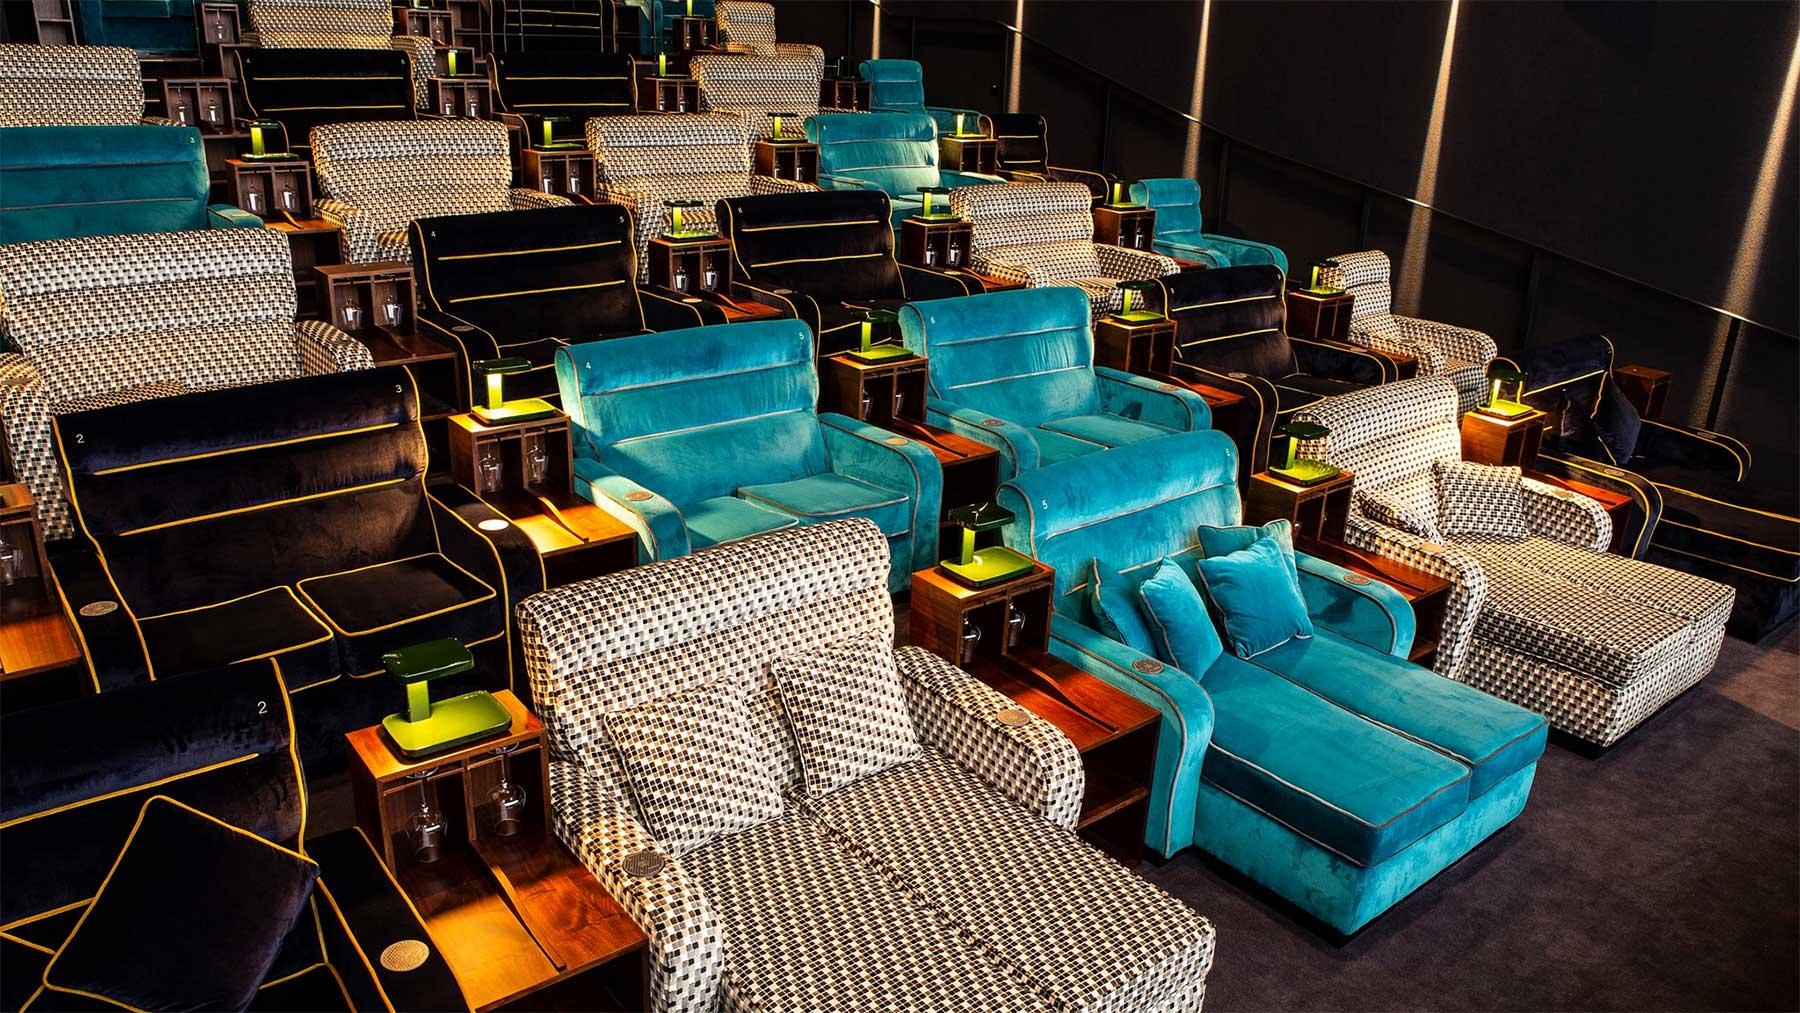 In diesem Kino könnt ihr Filme auf Betten und Sofas schauen